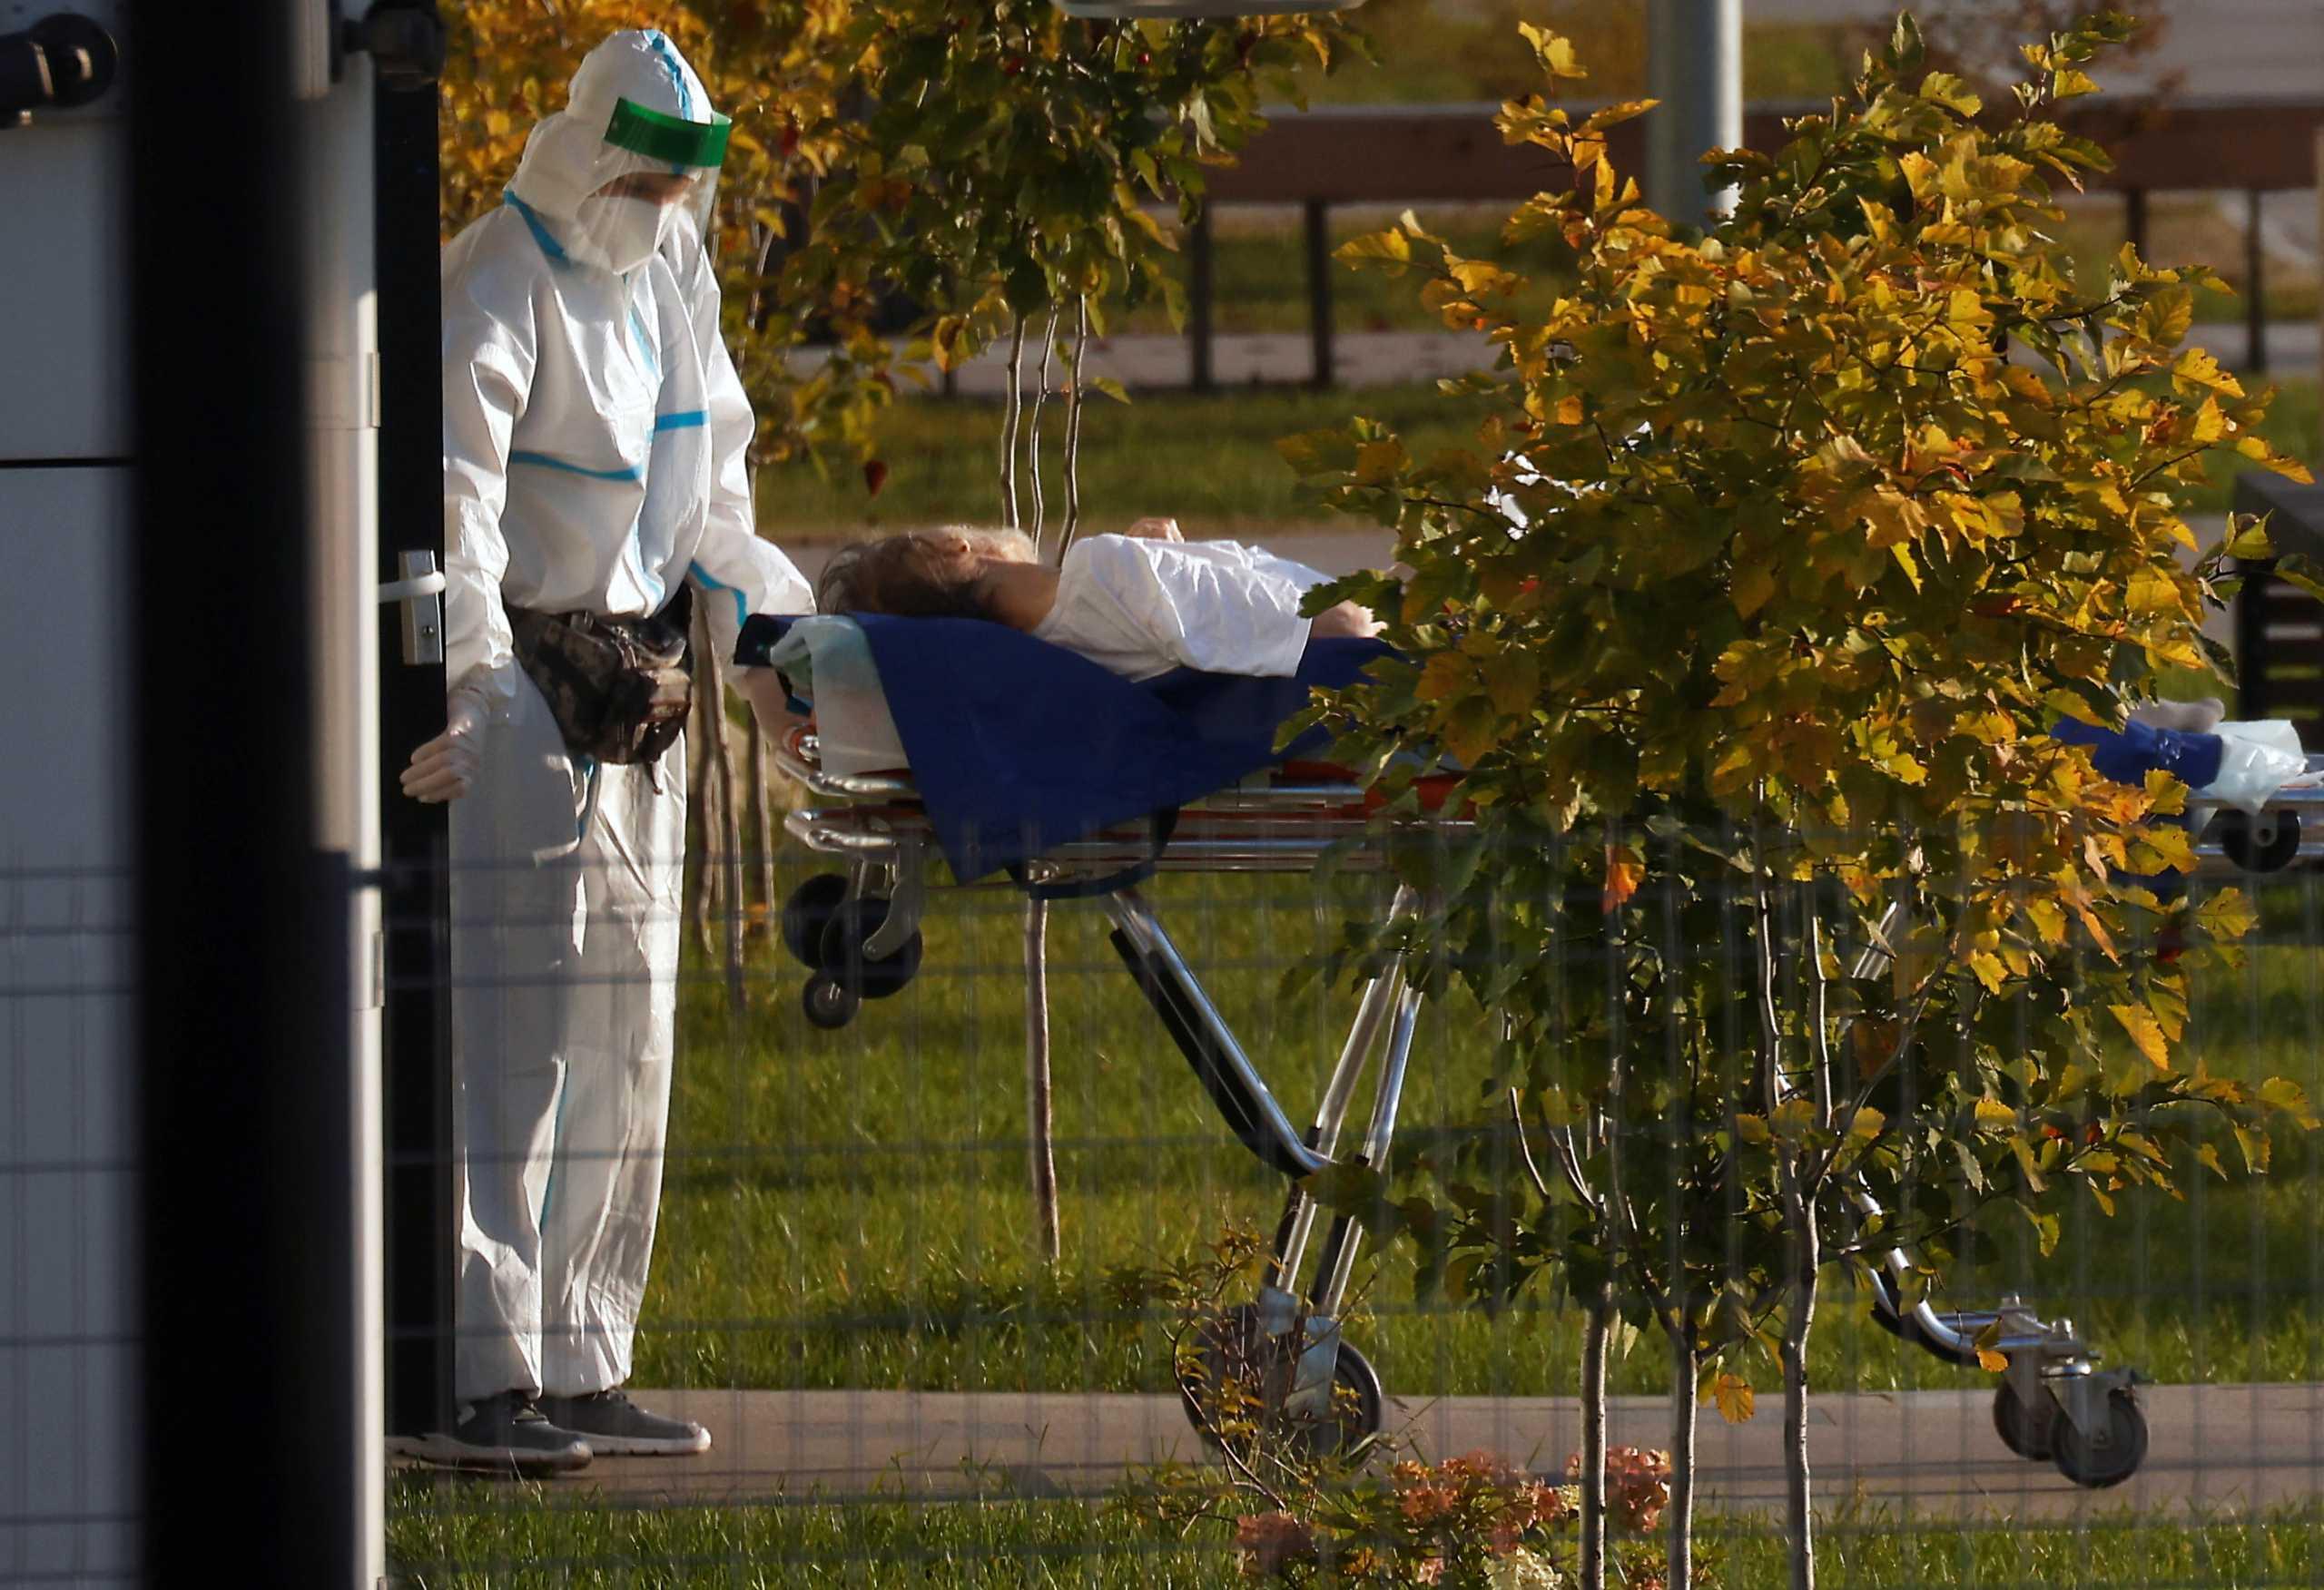 Κορονοϊός: Έκκληση Κρεμλίνου στους πολίτες να εμβολιαστούν – Σπάνε το ένα ρεκόρ μετά το άλλο κρούσματα και θάνατοι